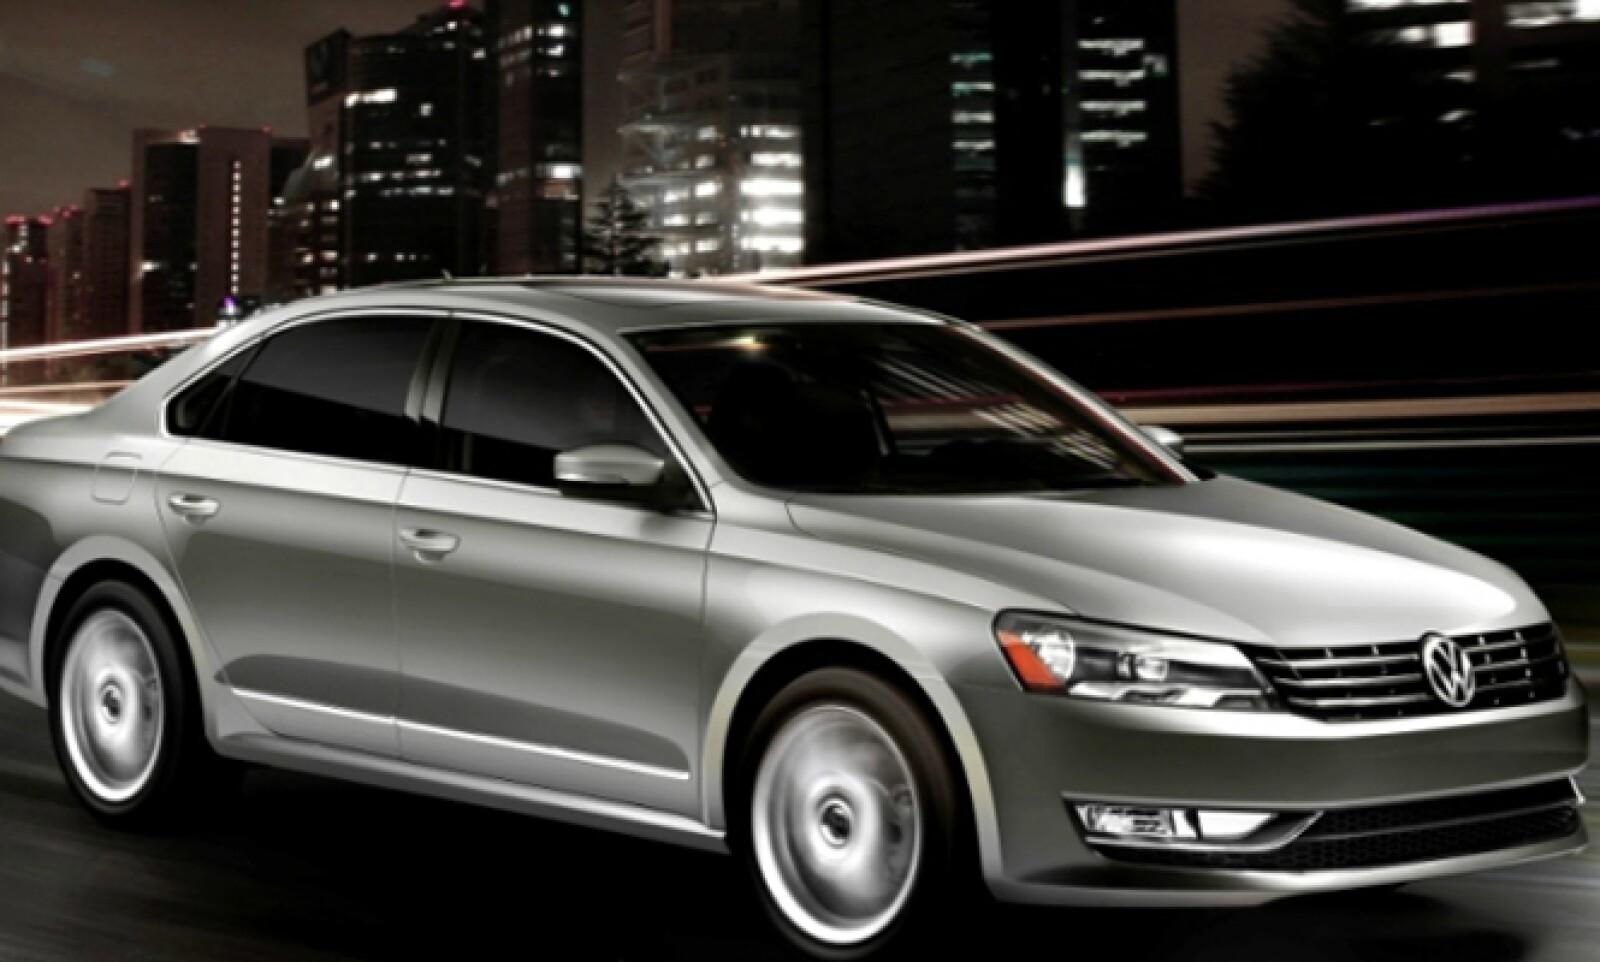 En 2013, se vendieron 7,158 unidades del vehículo de Volkswagen, 20% más que en 2012.